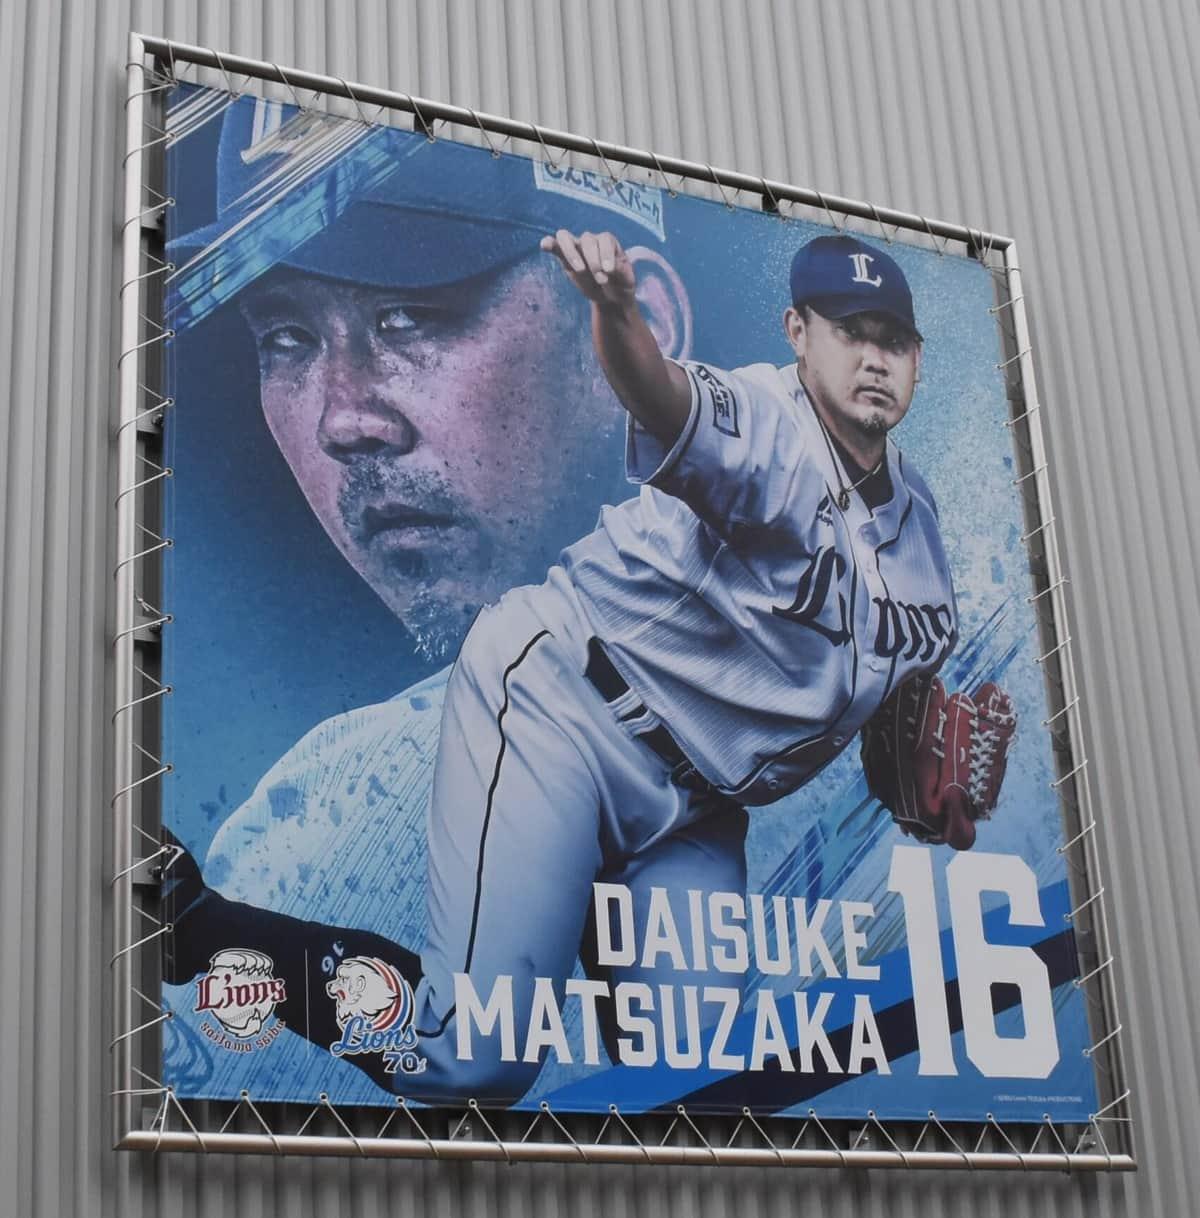 松坂大輔のプロ初登板「165キロ出てた」 対戦の片岡篤史氏が振り返った「怪物ぶり」